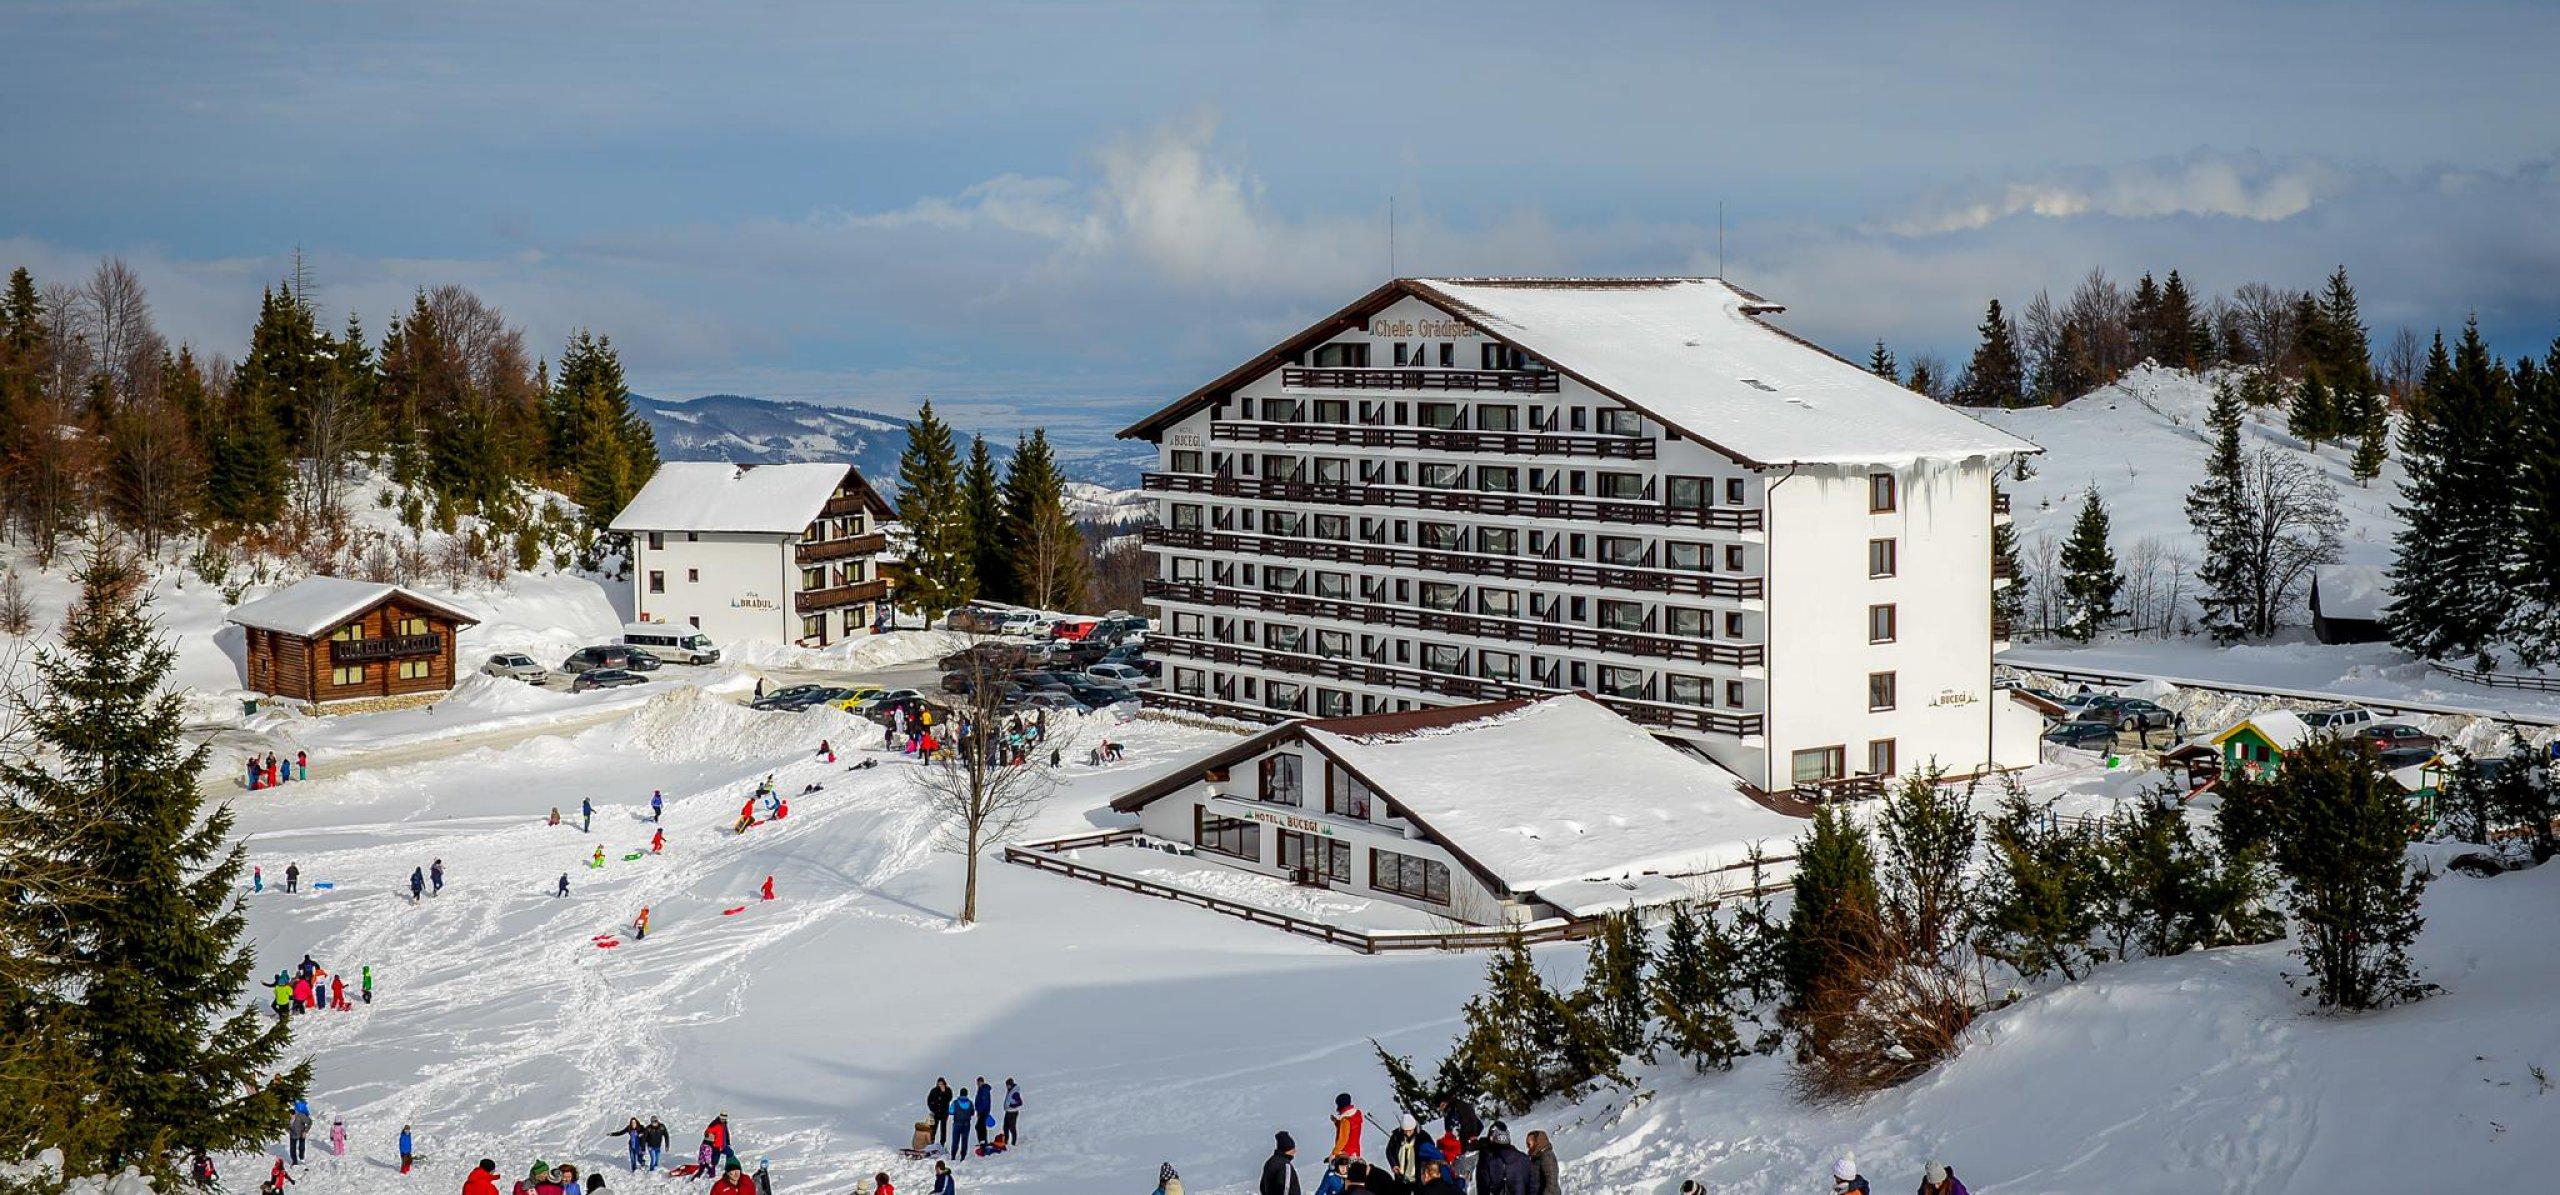 sporturi-de-iarna-pentru-copii-fundata